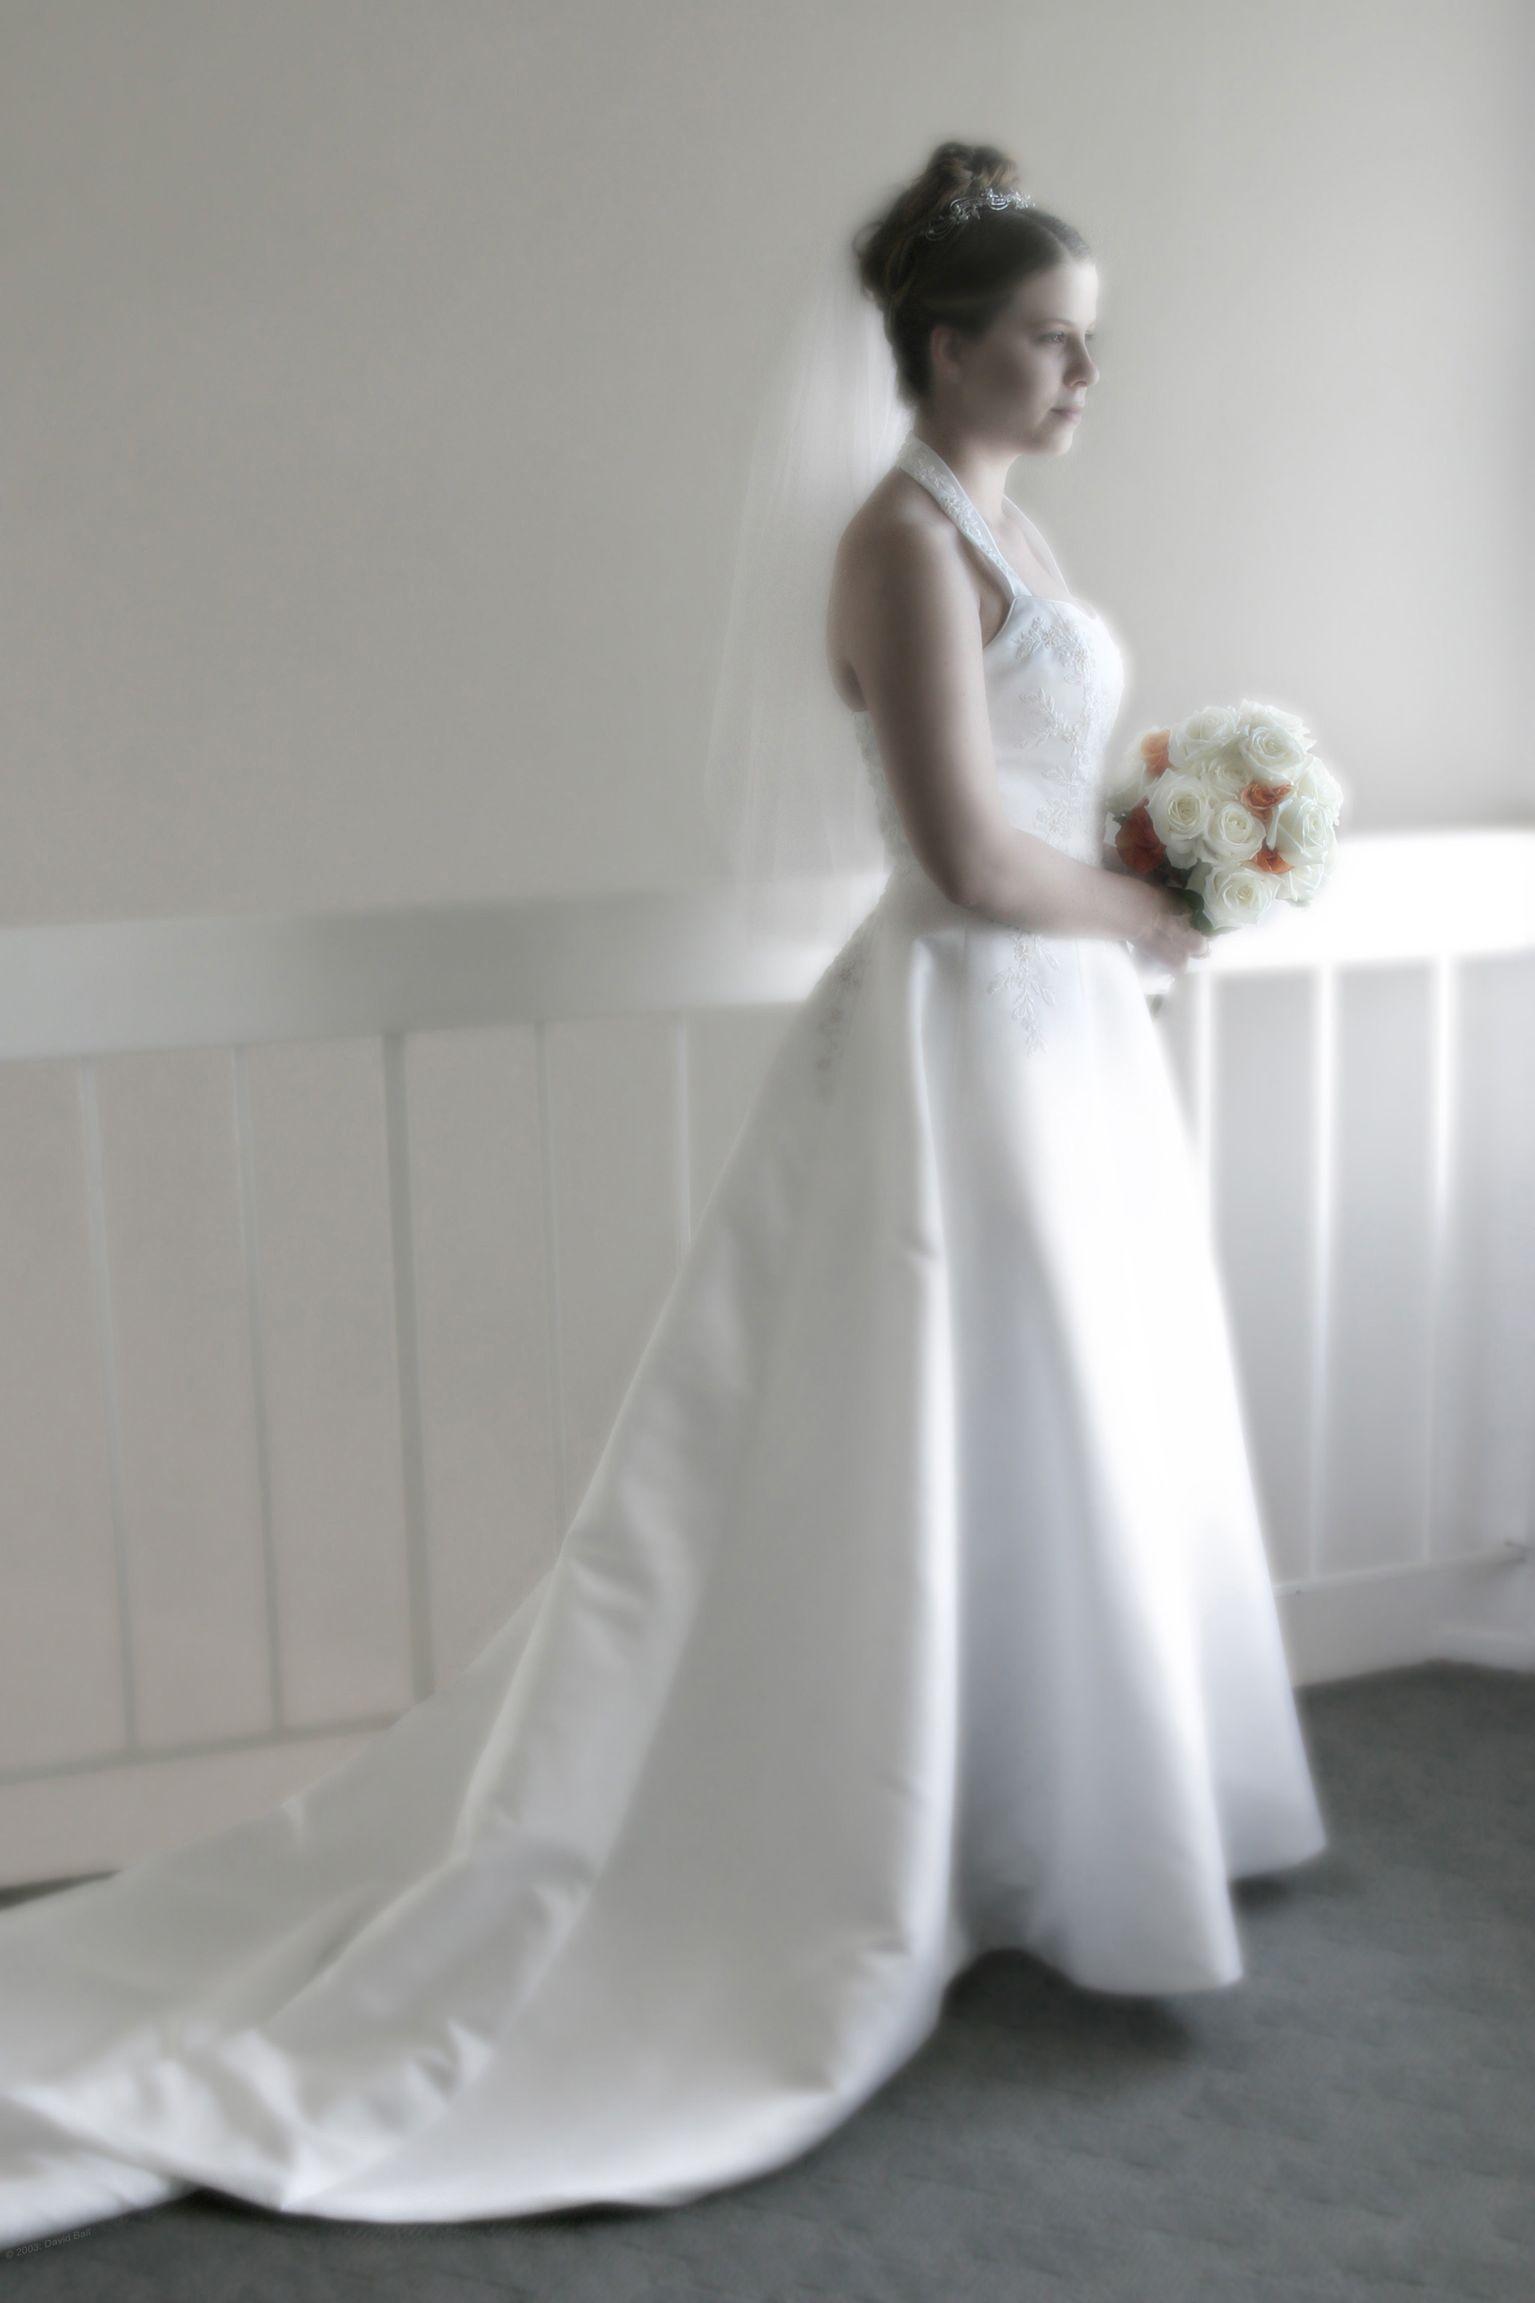 ce2cbaffebf6 Νυφικό φόρεμα - Η πλήρης ενημέρωση και η πώληση μέσω διαδικτύου με δωρεάν  αποστολή. Παραγγείλετε και αγοράστε τώρα για τη χαμηλότερη τιμή στο  καλύτερο ...